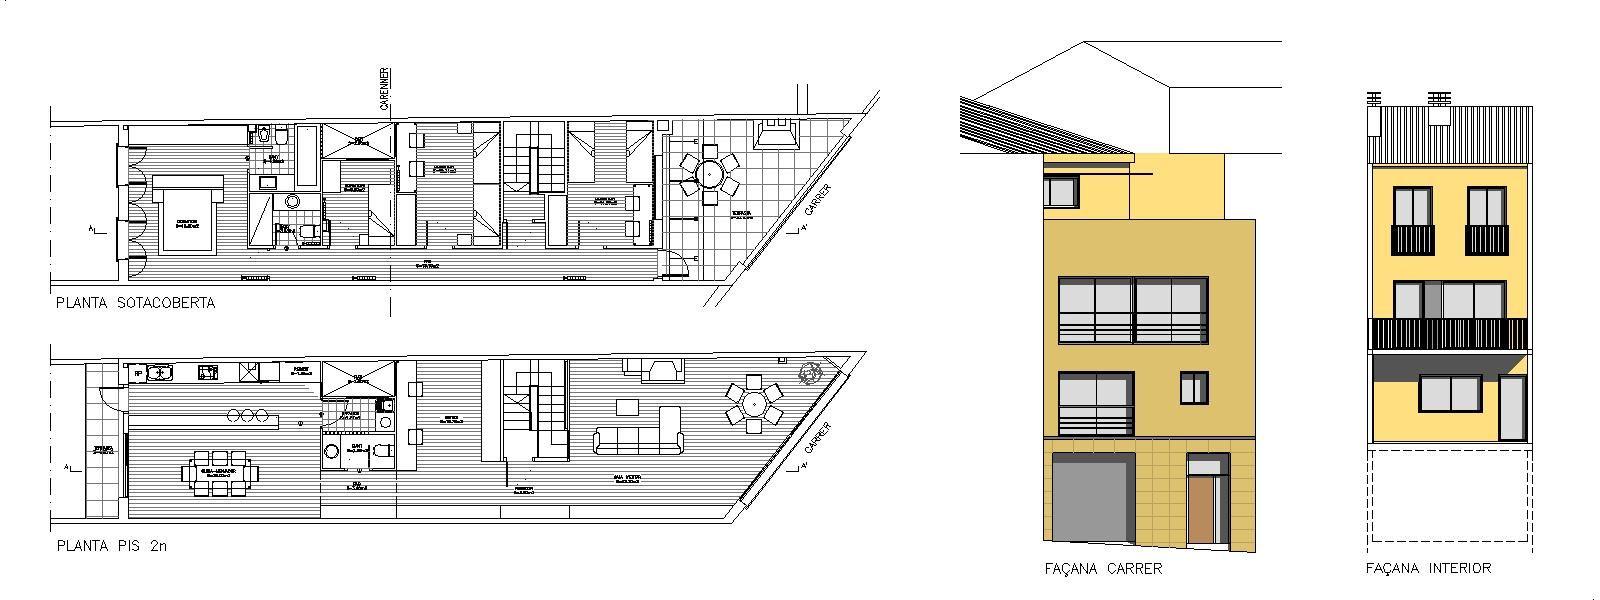 Estudio de arquitectura emeARQ: Reforma de vivienda entre medianeras